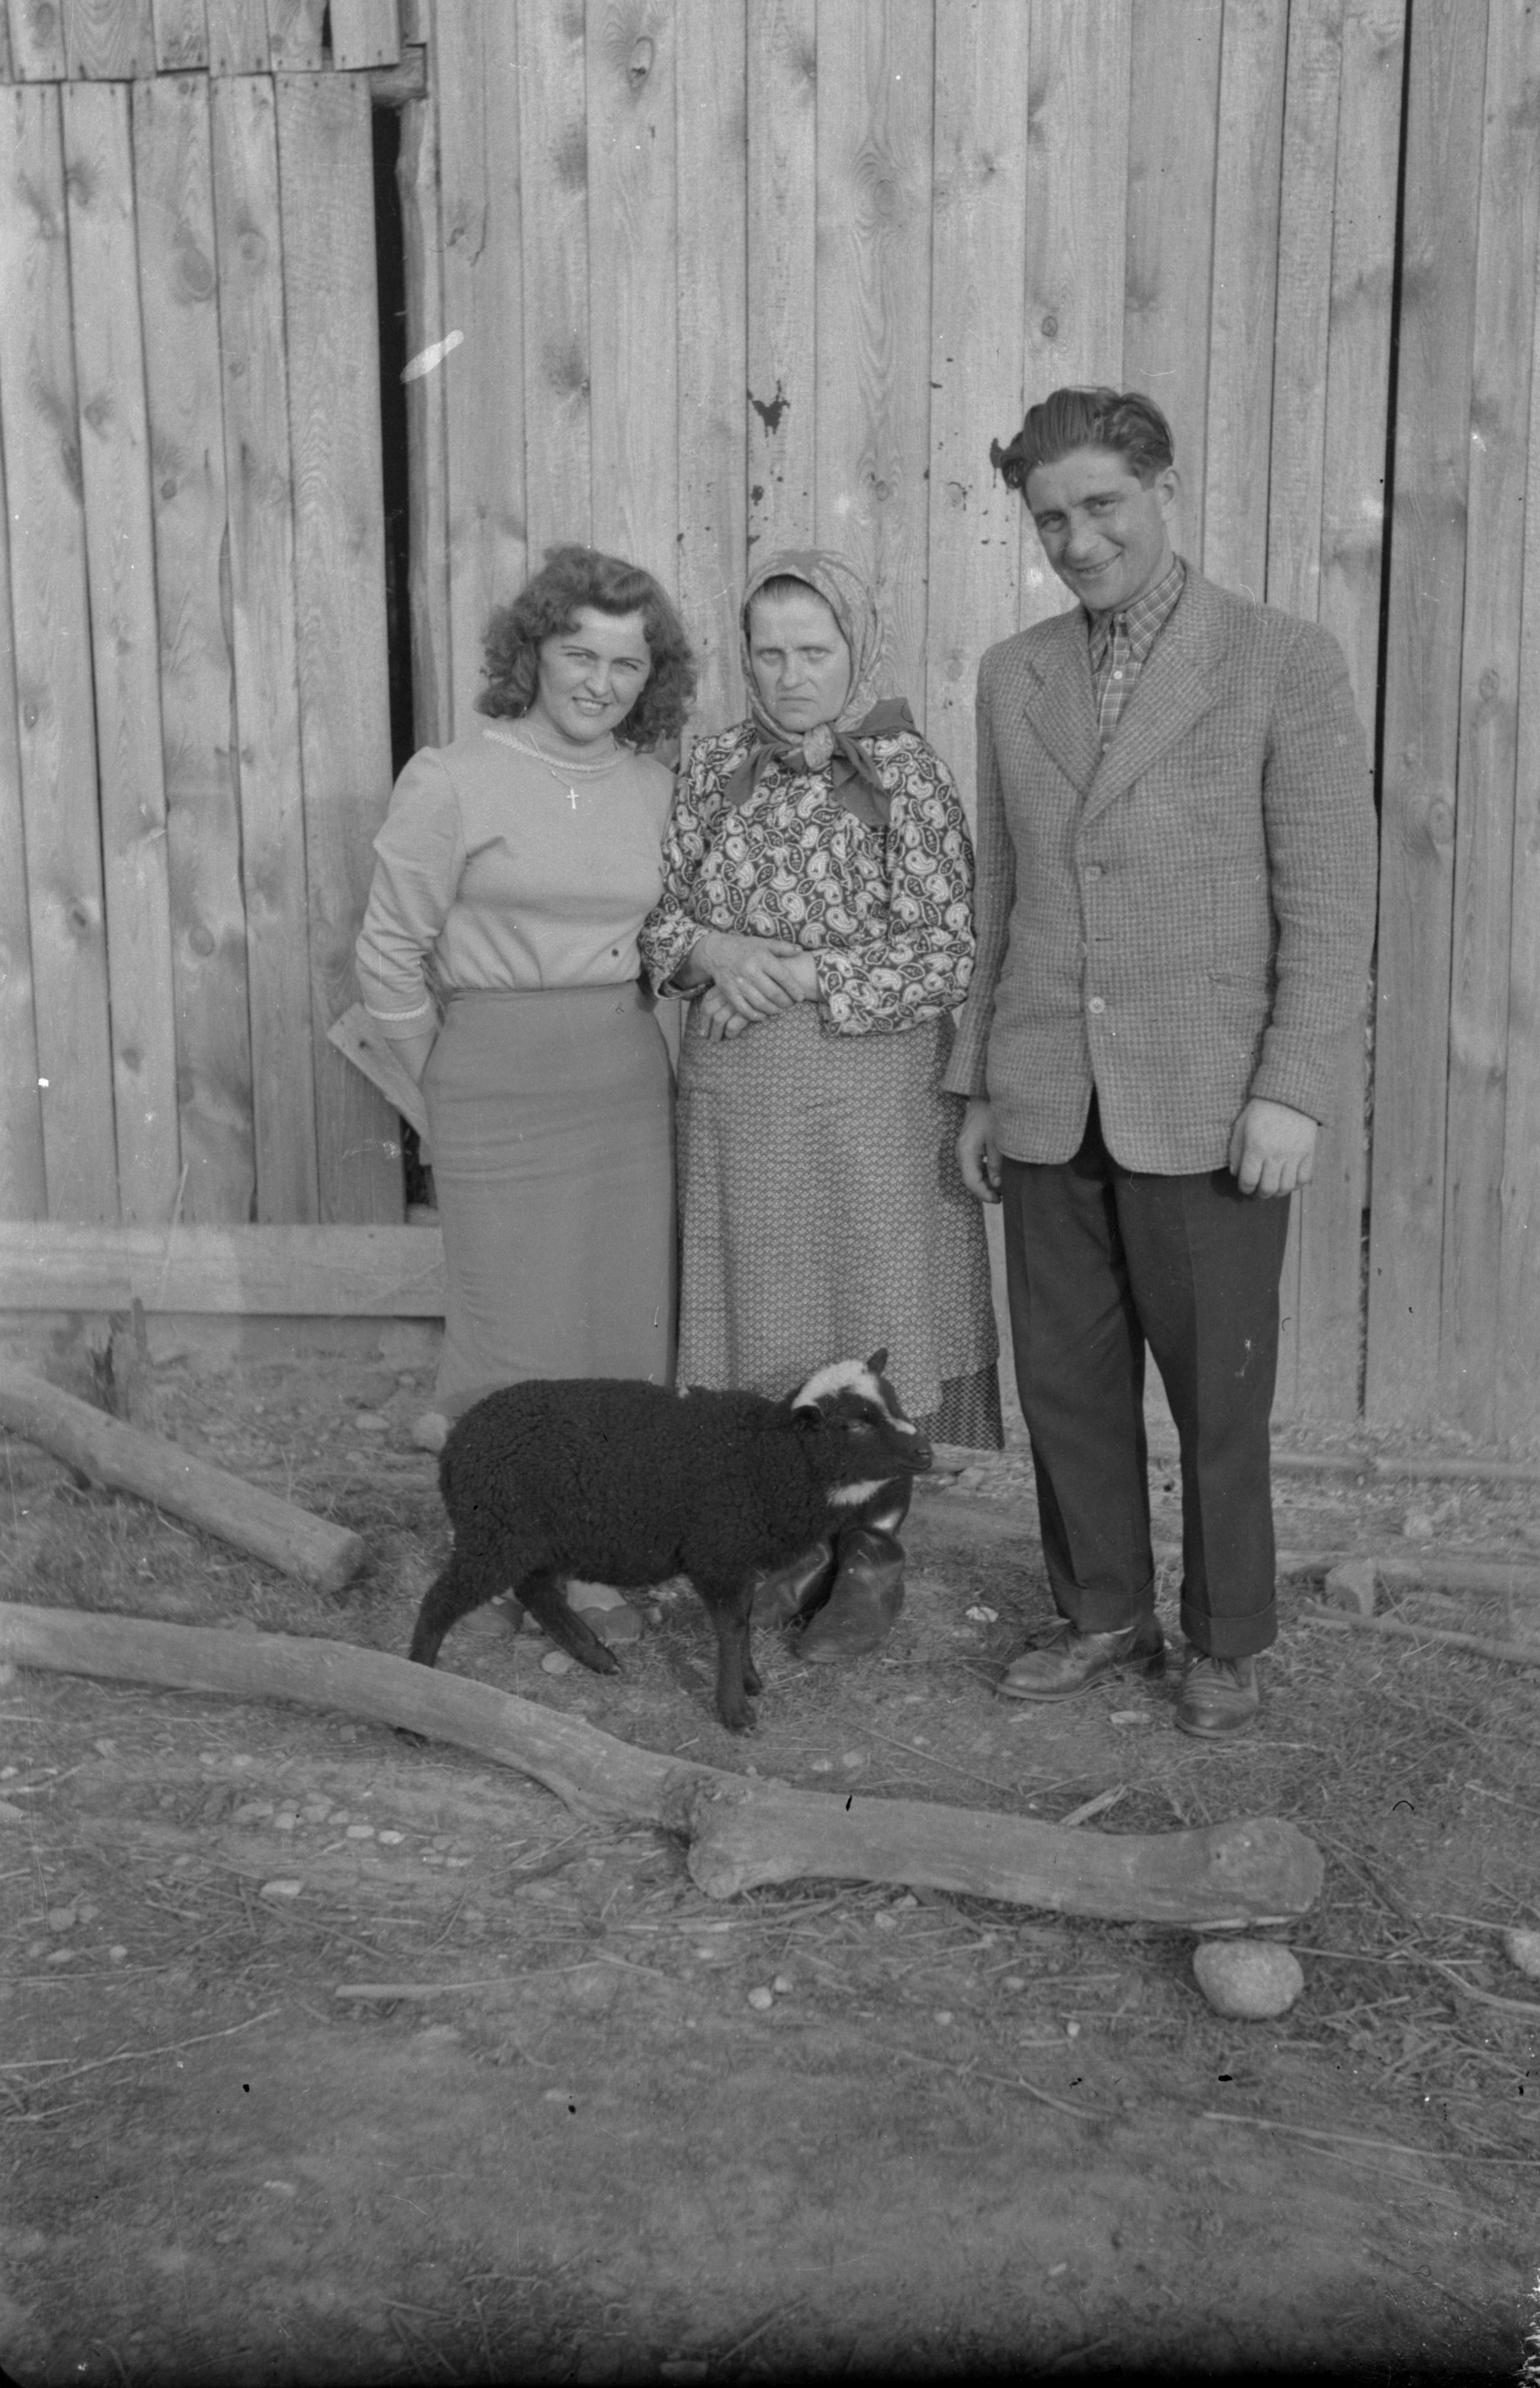 Członkowie rodziny Kubajów z owcą, Brzózka, Dolny Śląsk, lata 50. XX w.